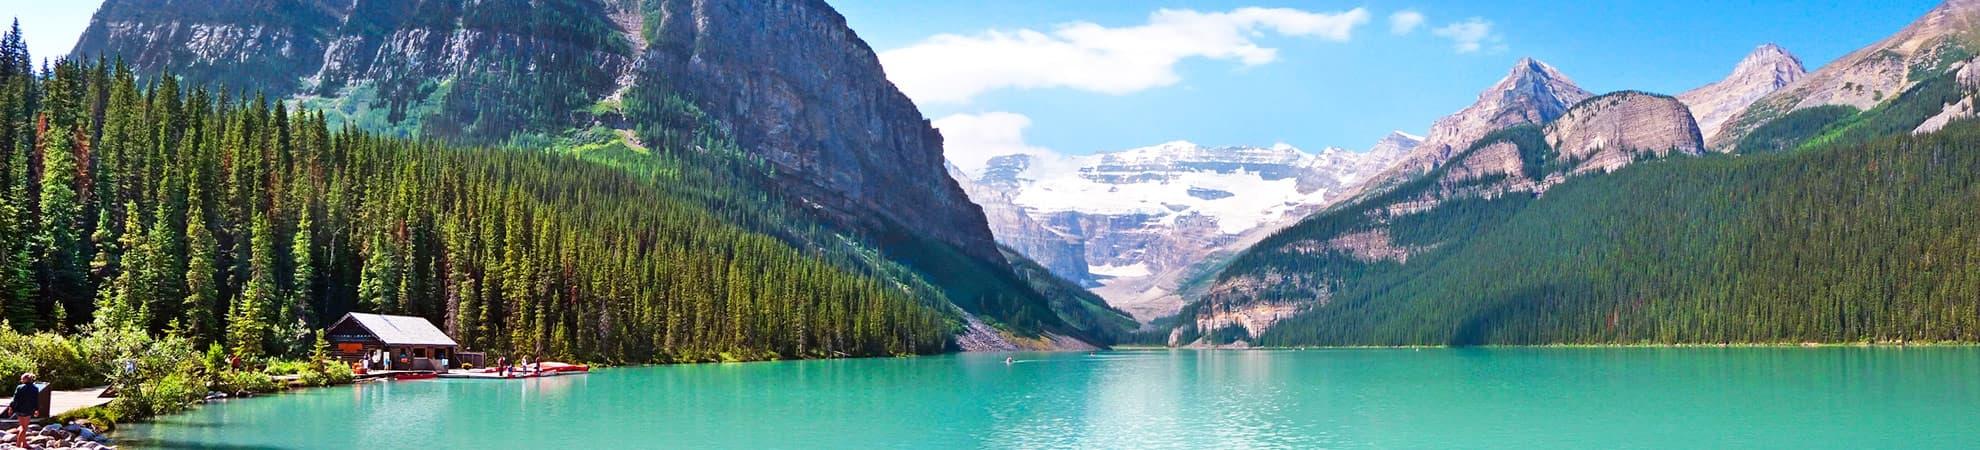 Voyage Banff